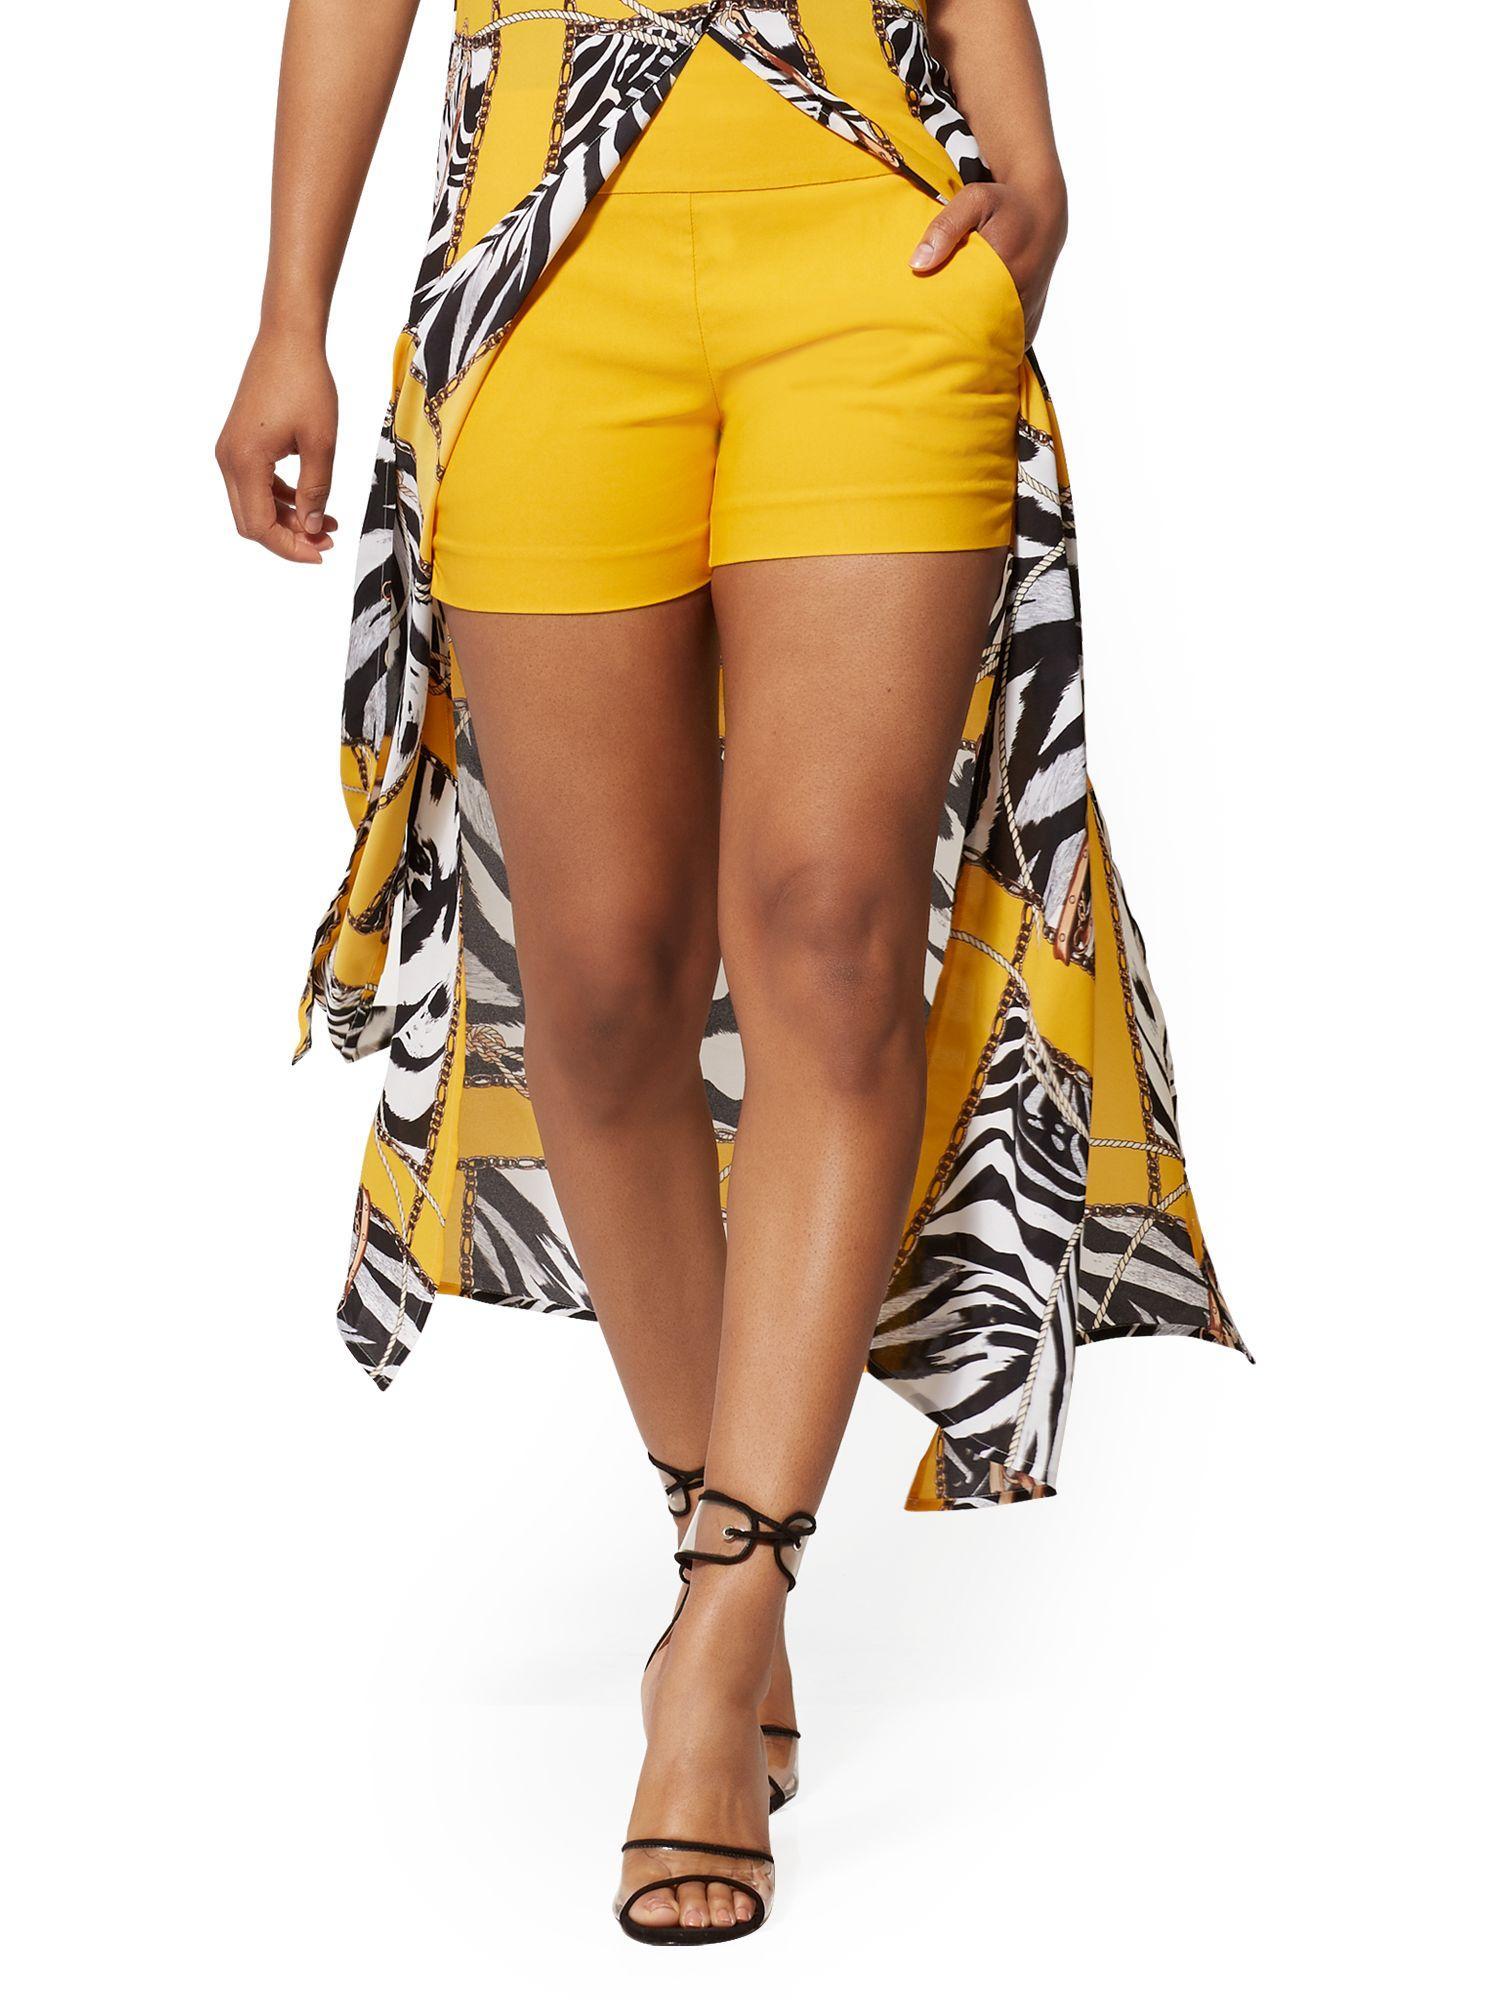 4c9cbe767c New York & Company. Women's Orange Whitney High-waist Pull On 4 Inch Short